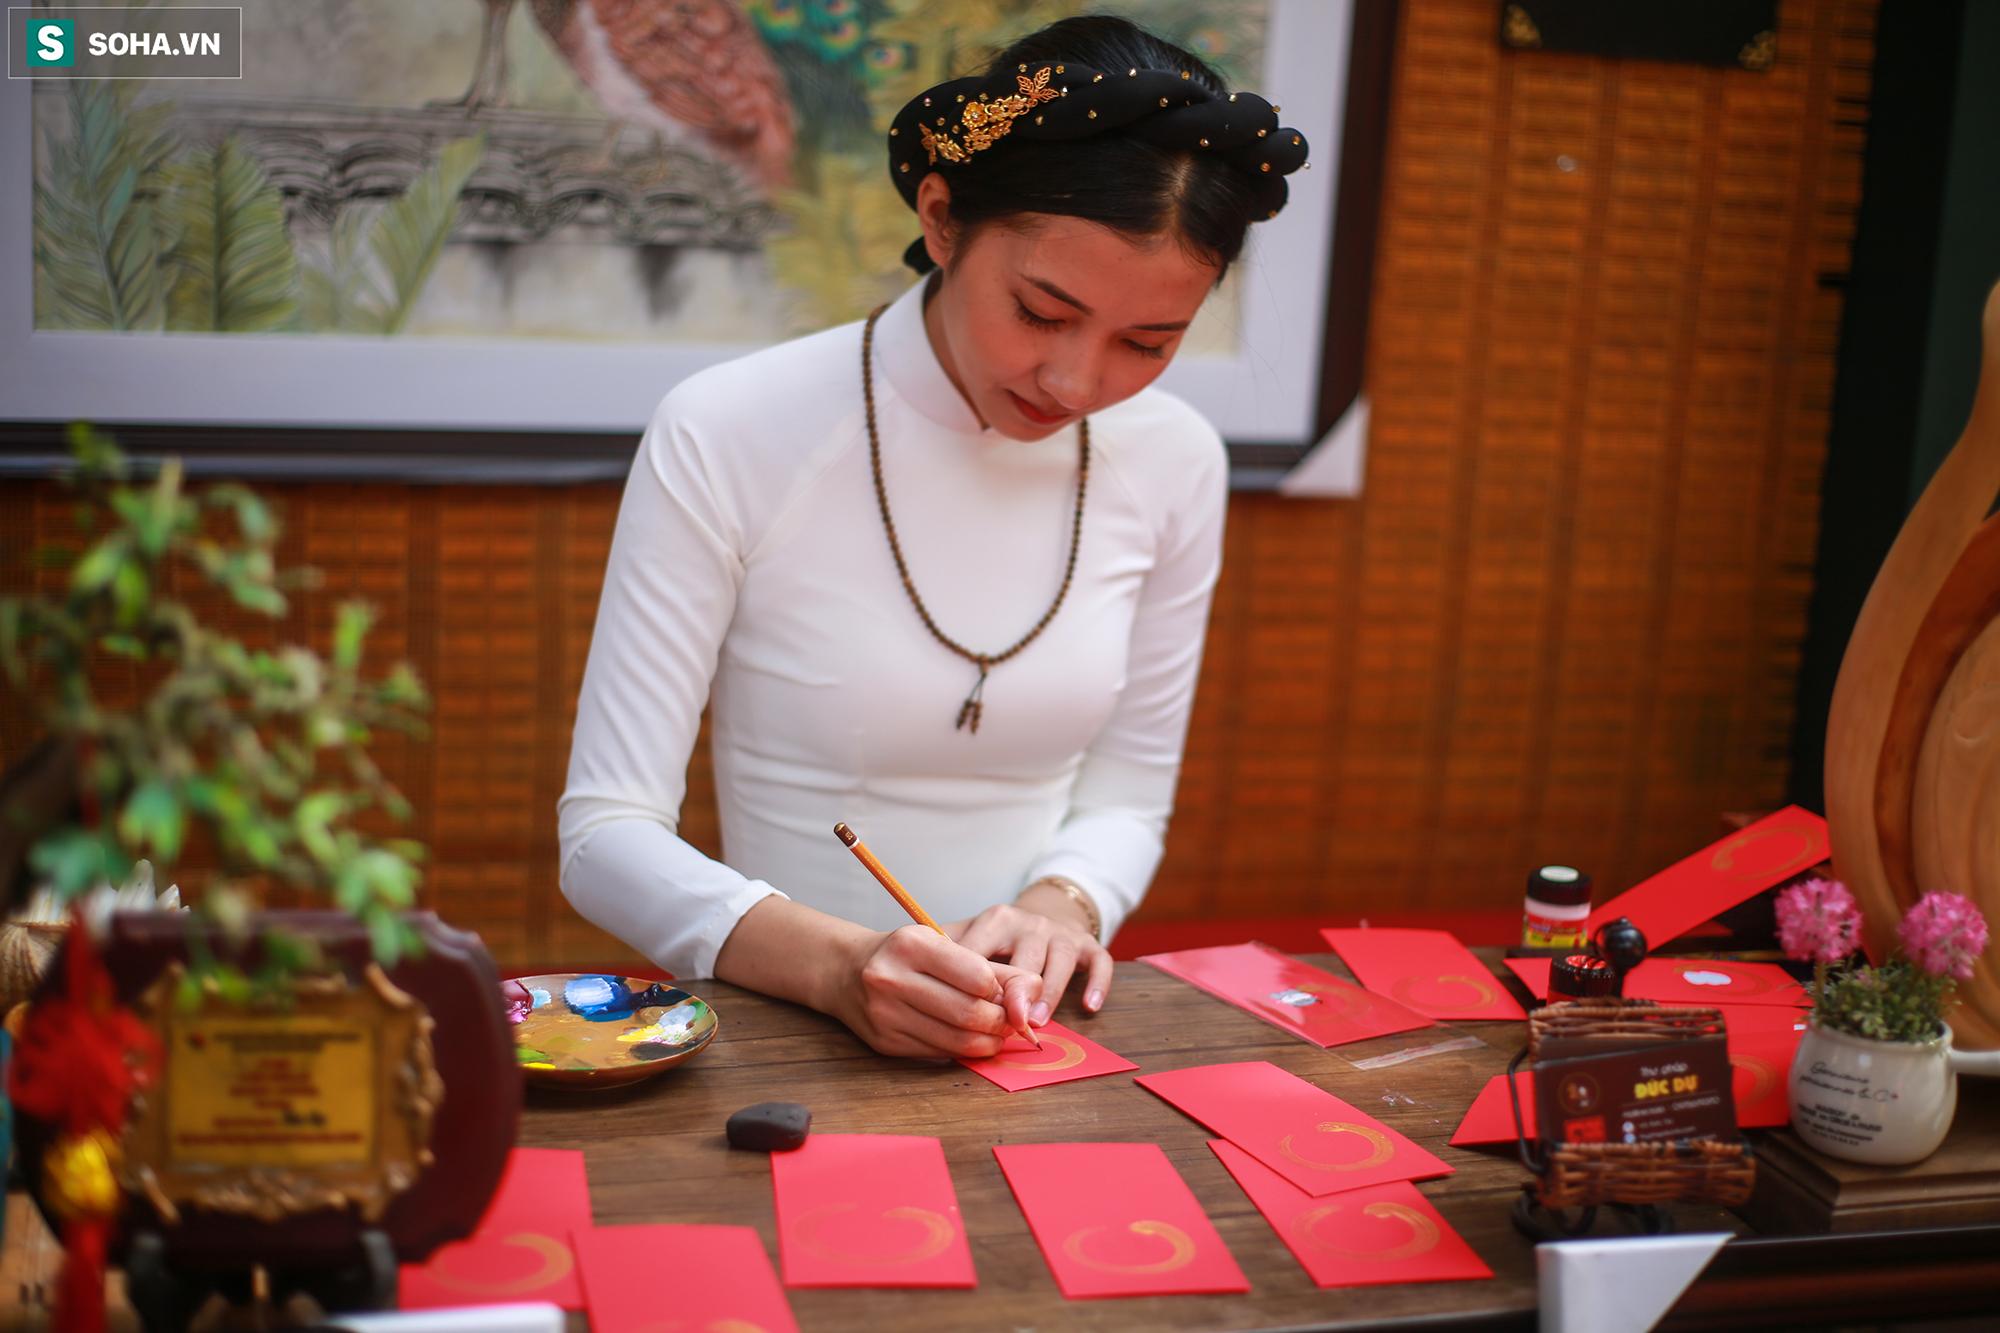 [Ảnh] Thiếu nữ Sài Gòn xinh đẹp xúng xính áo dài check-in sống ảo ở con đường hoa mai - Ảnh 3.